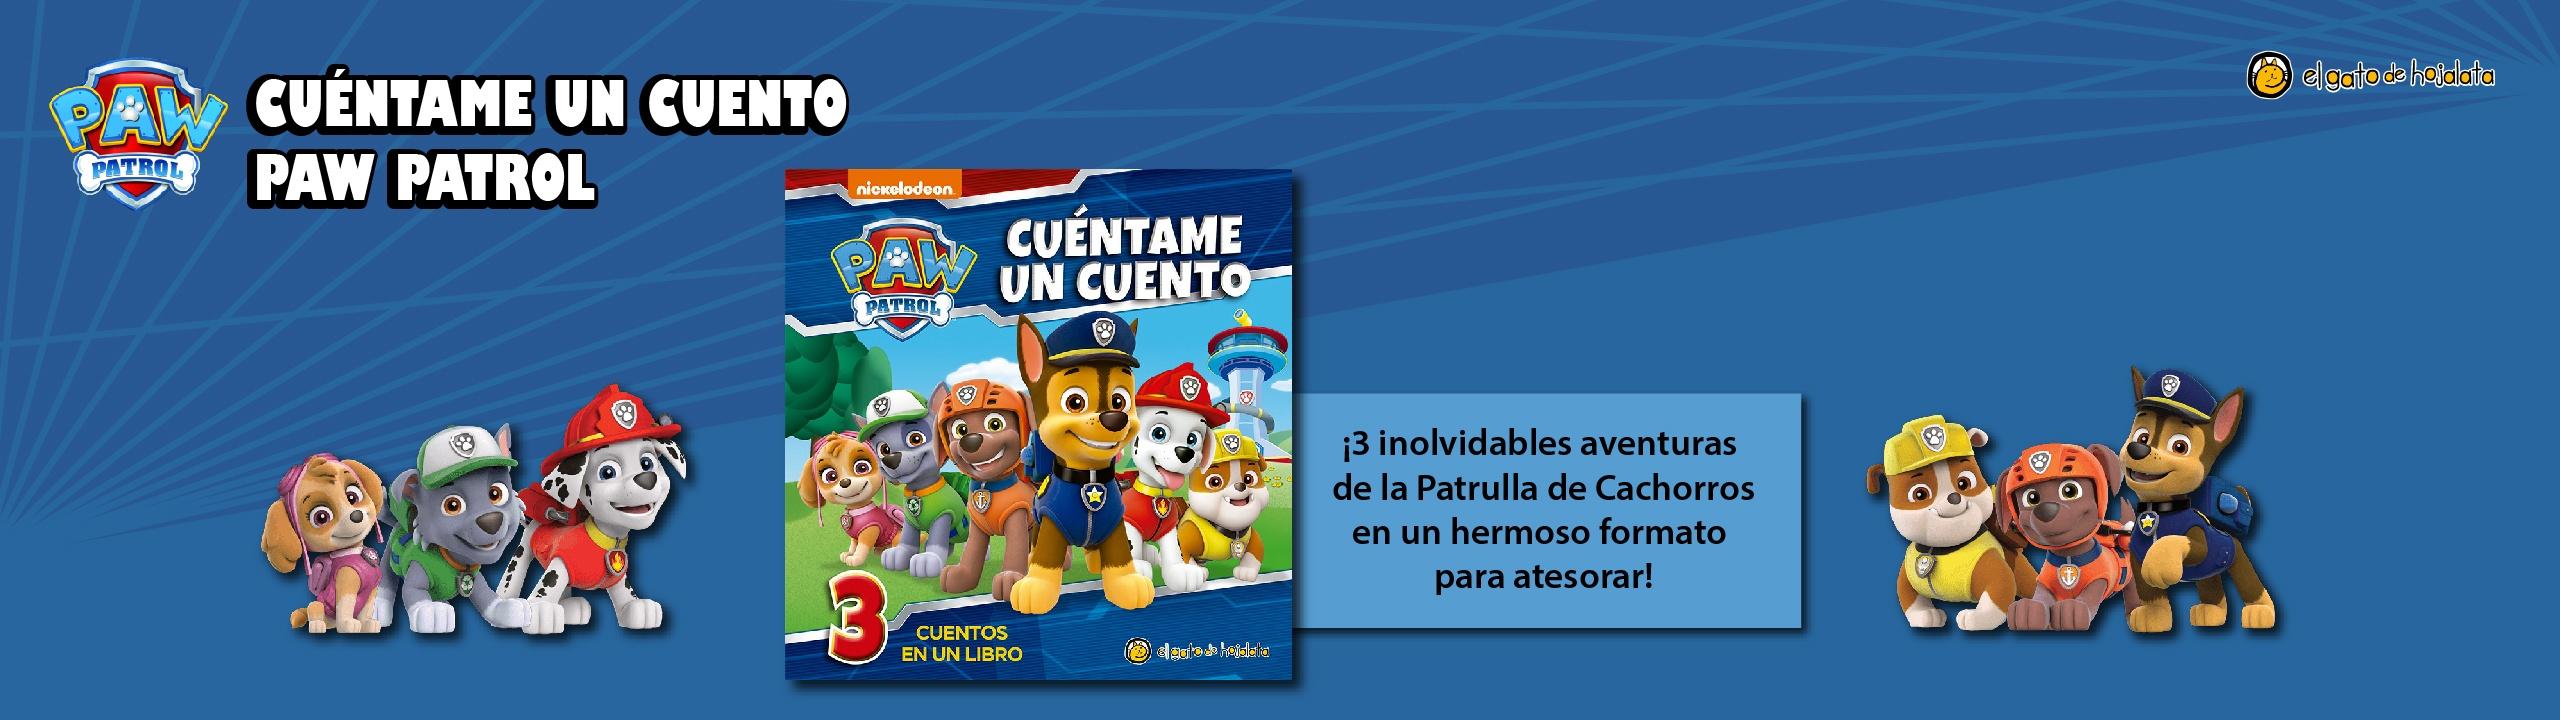 CUÉNTAME UN CUENTO_WEB_1920X540